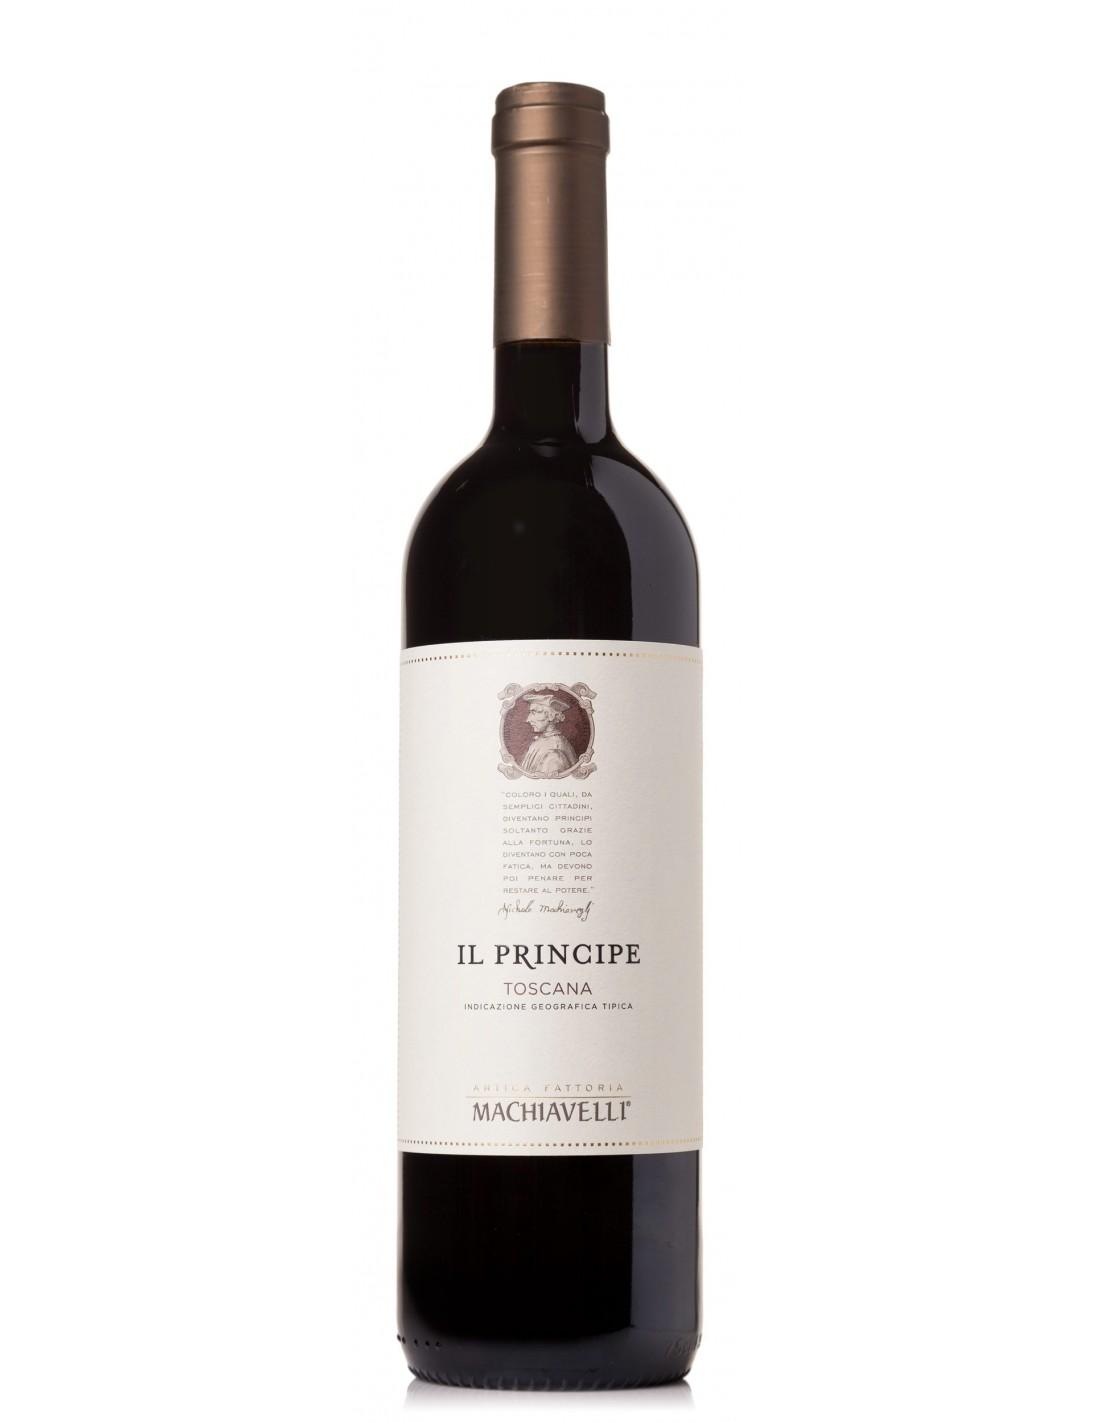 Vin rosu, Machiavelli IL Principe Toscana, 15% alc., 0.75L, Italia